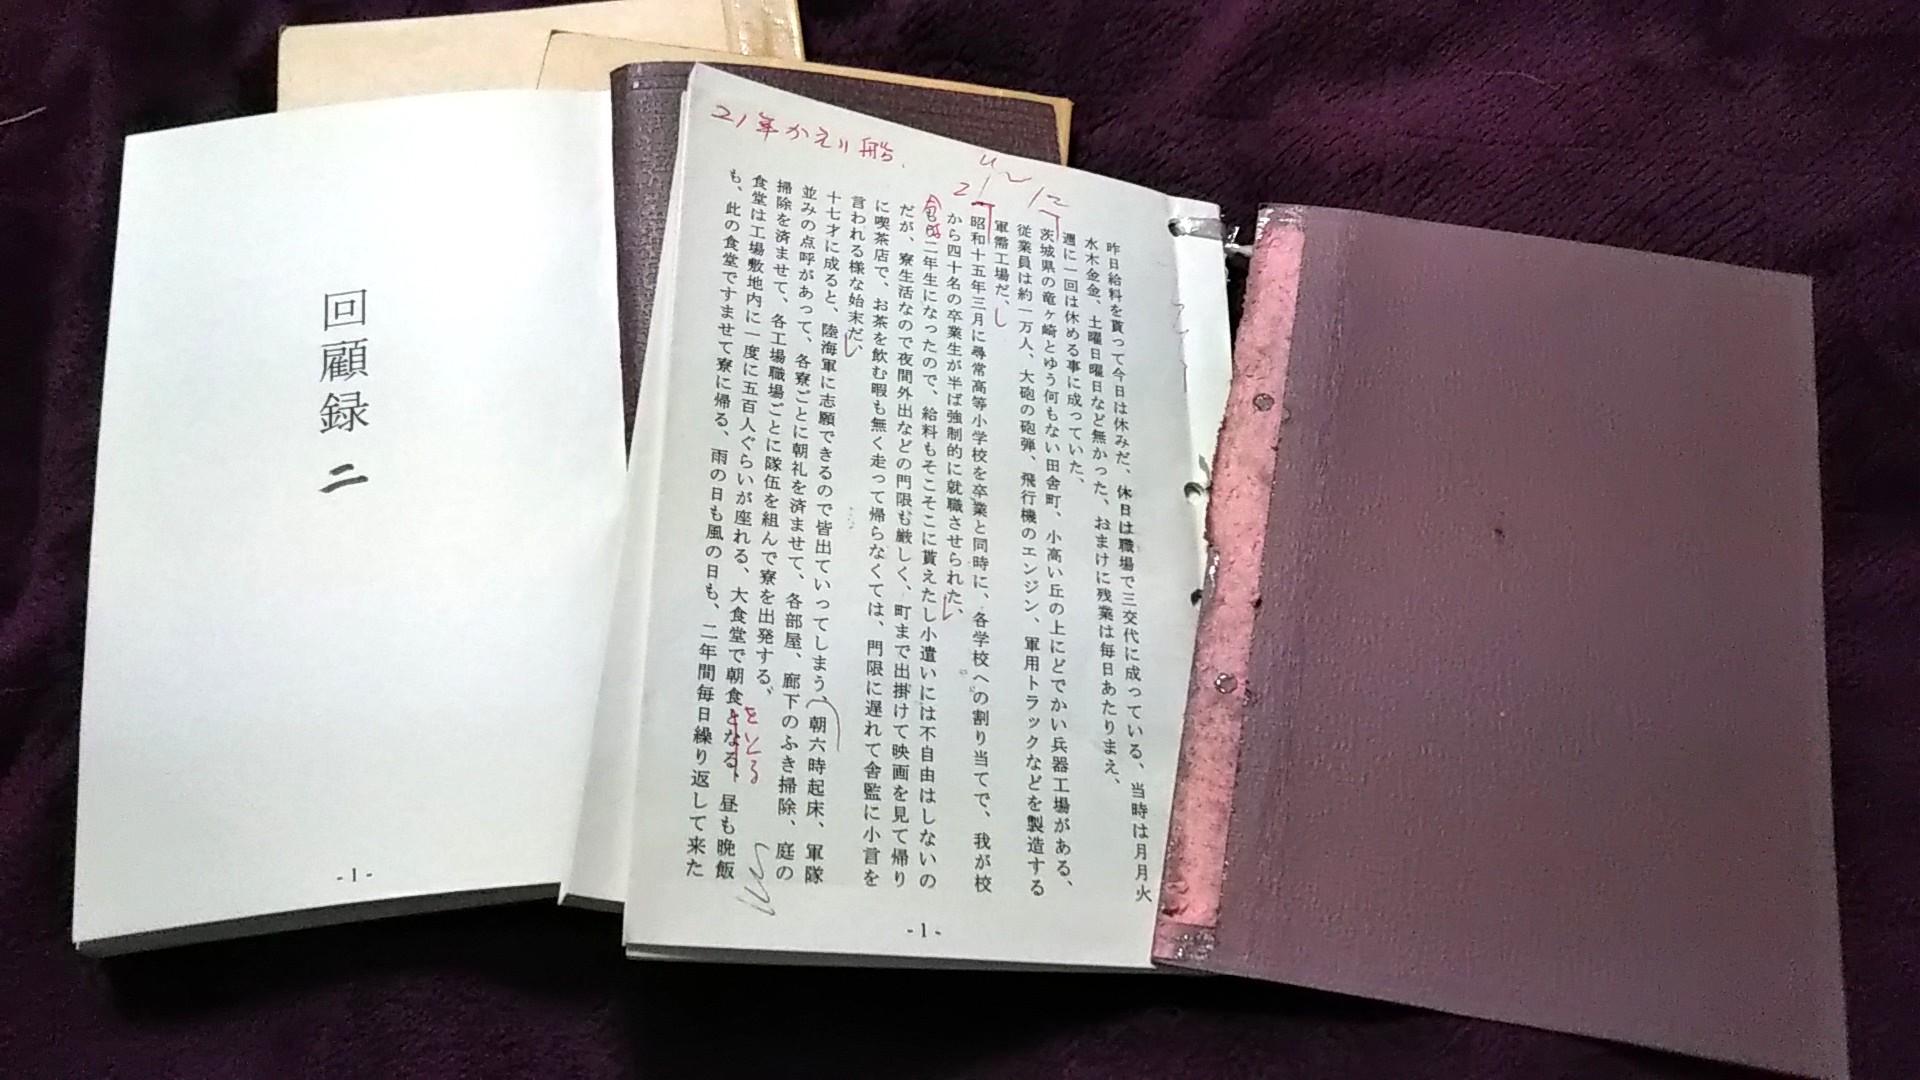 太平洋戦争回顧録「二十一年かえり船」の表紙